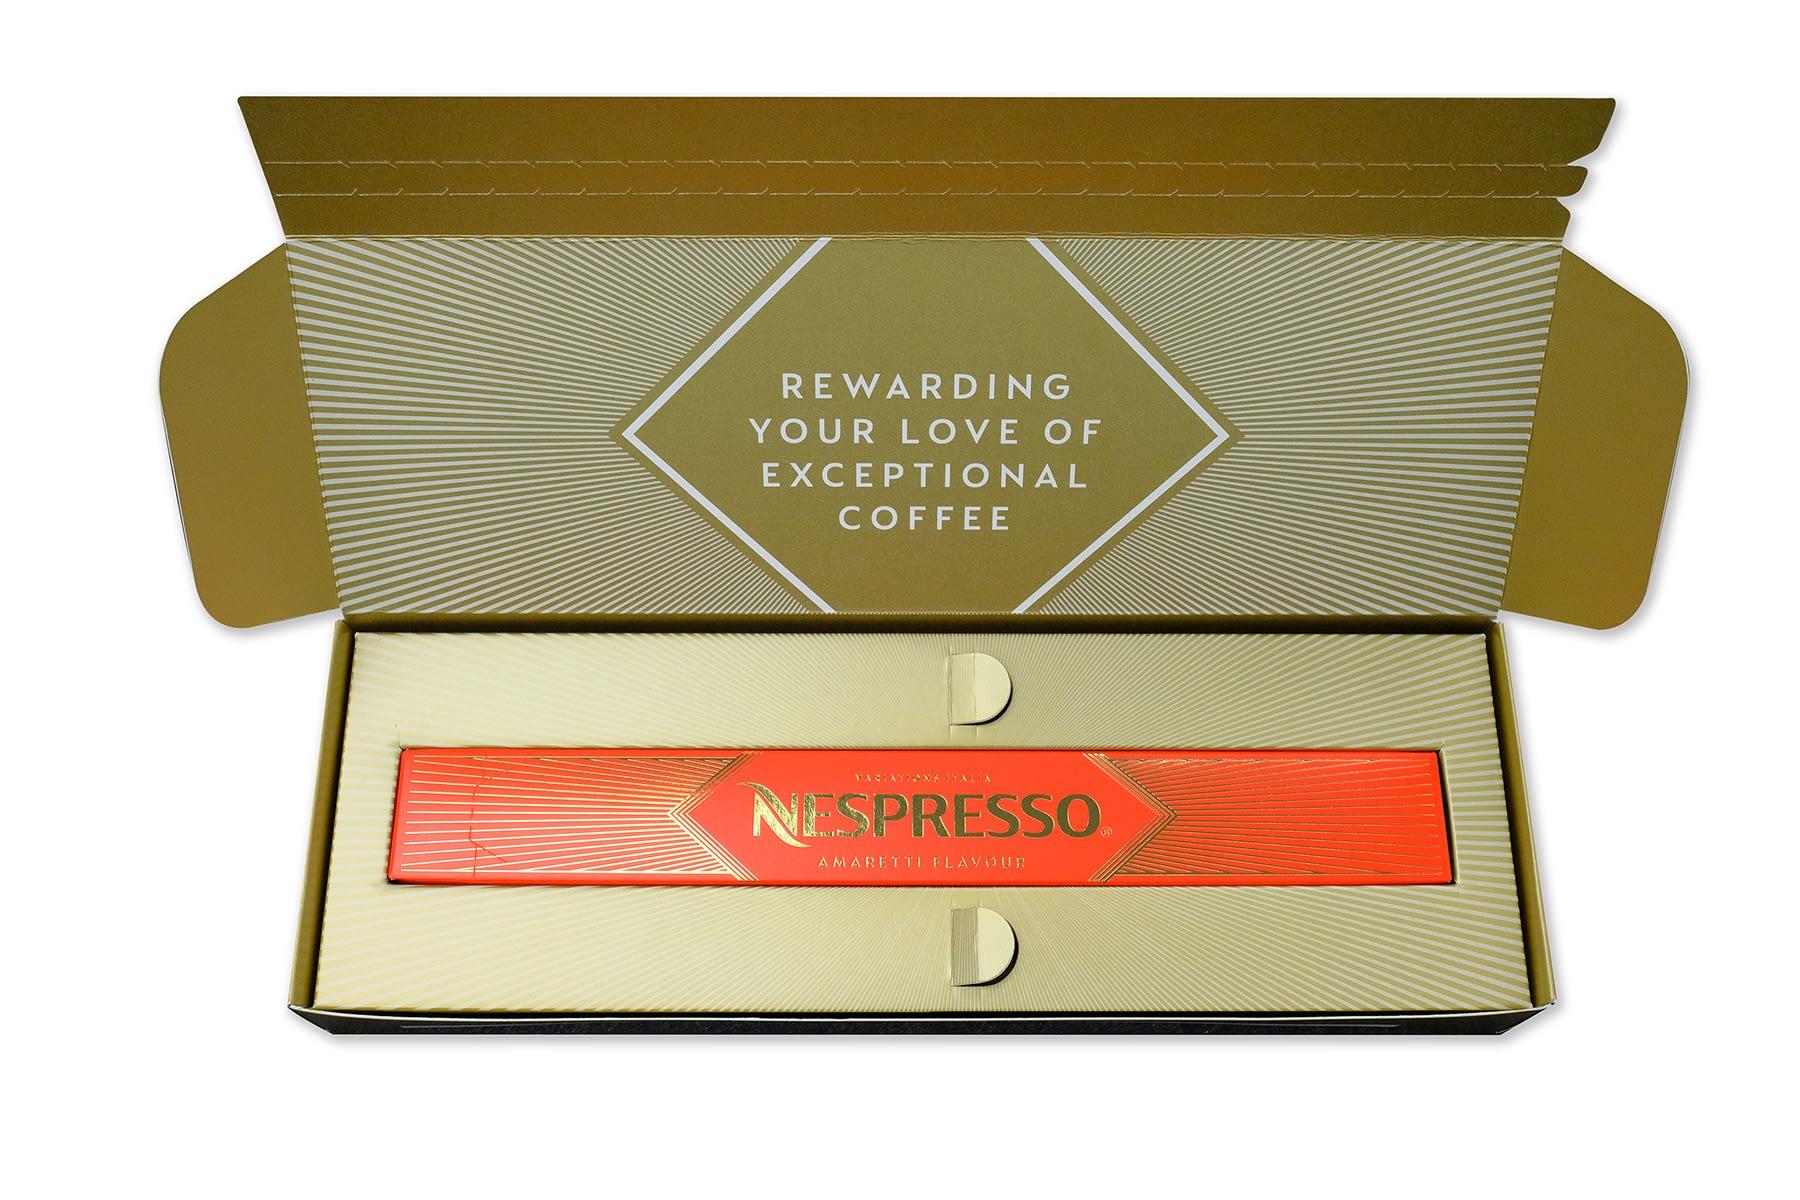 Nespresso opened box